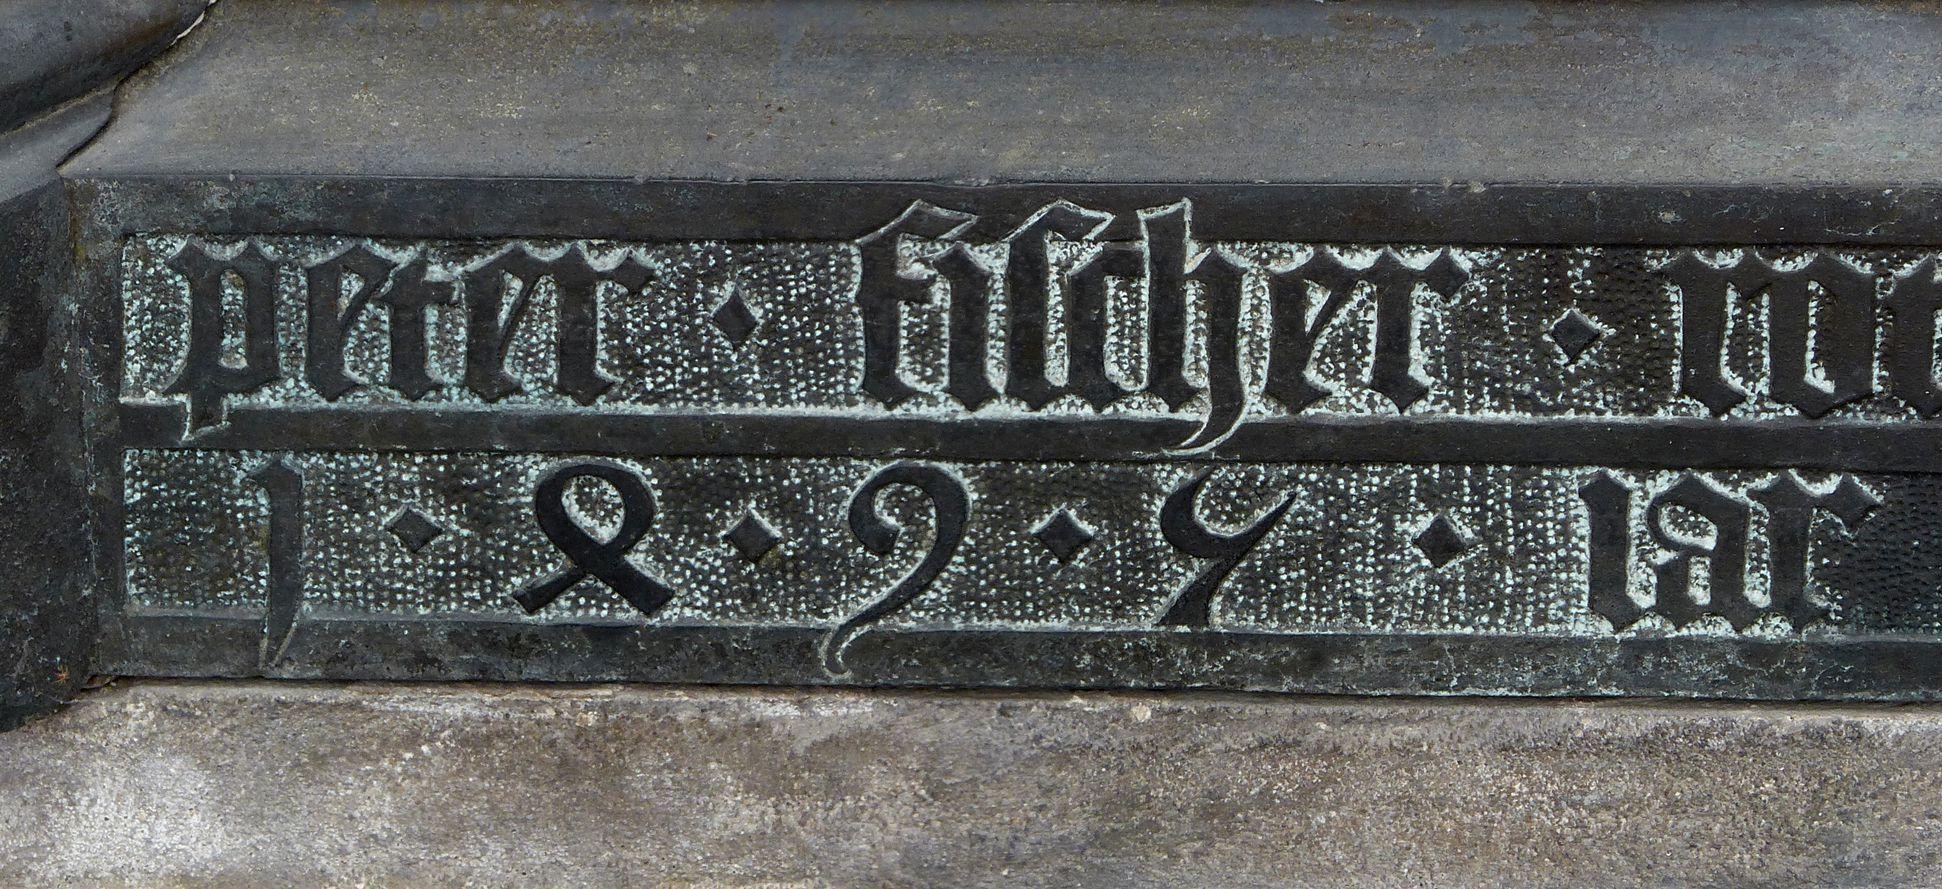 Tumba des Erzbischofs Ernst von Sachsen Unterschrift Peter Fischer und Jahreszahl 1495